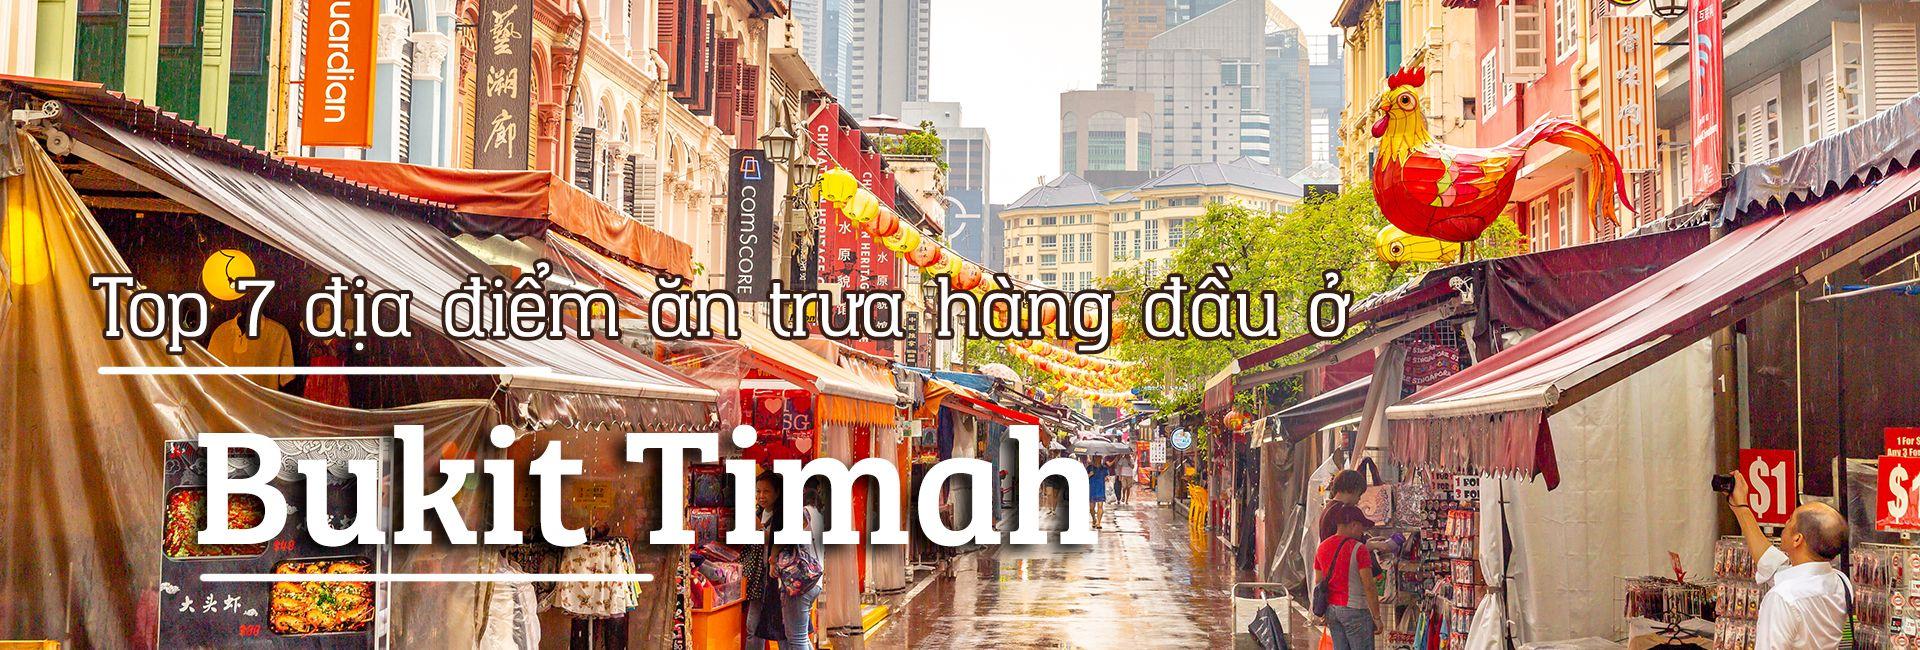 Top 7 địa điểm ăn trưa ngon nhất Bukit Timah, Singapore